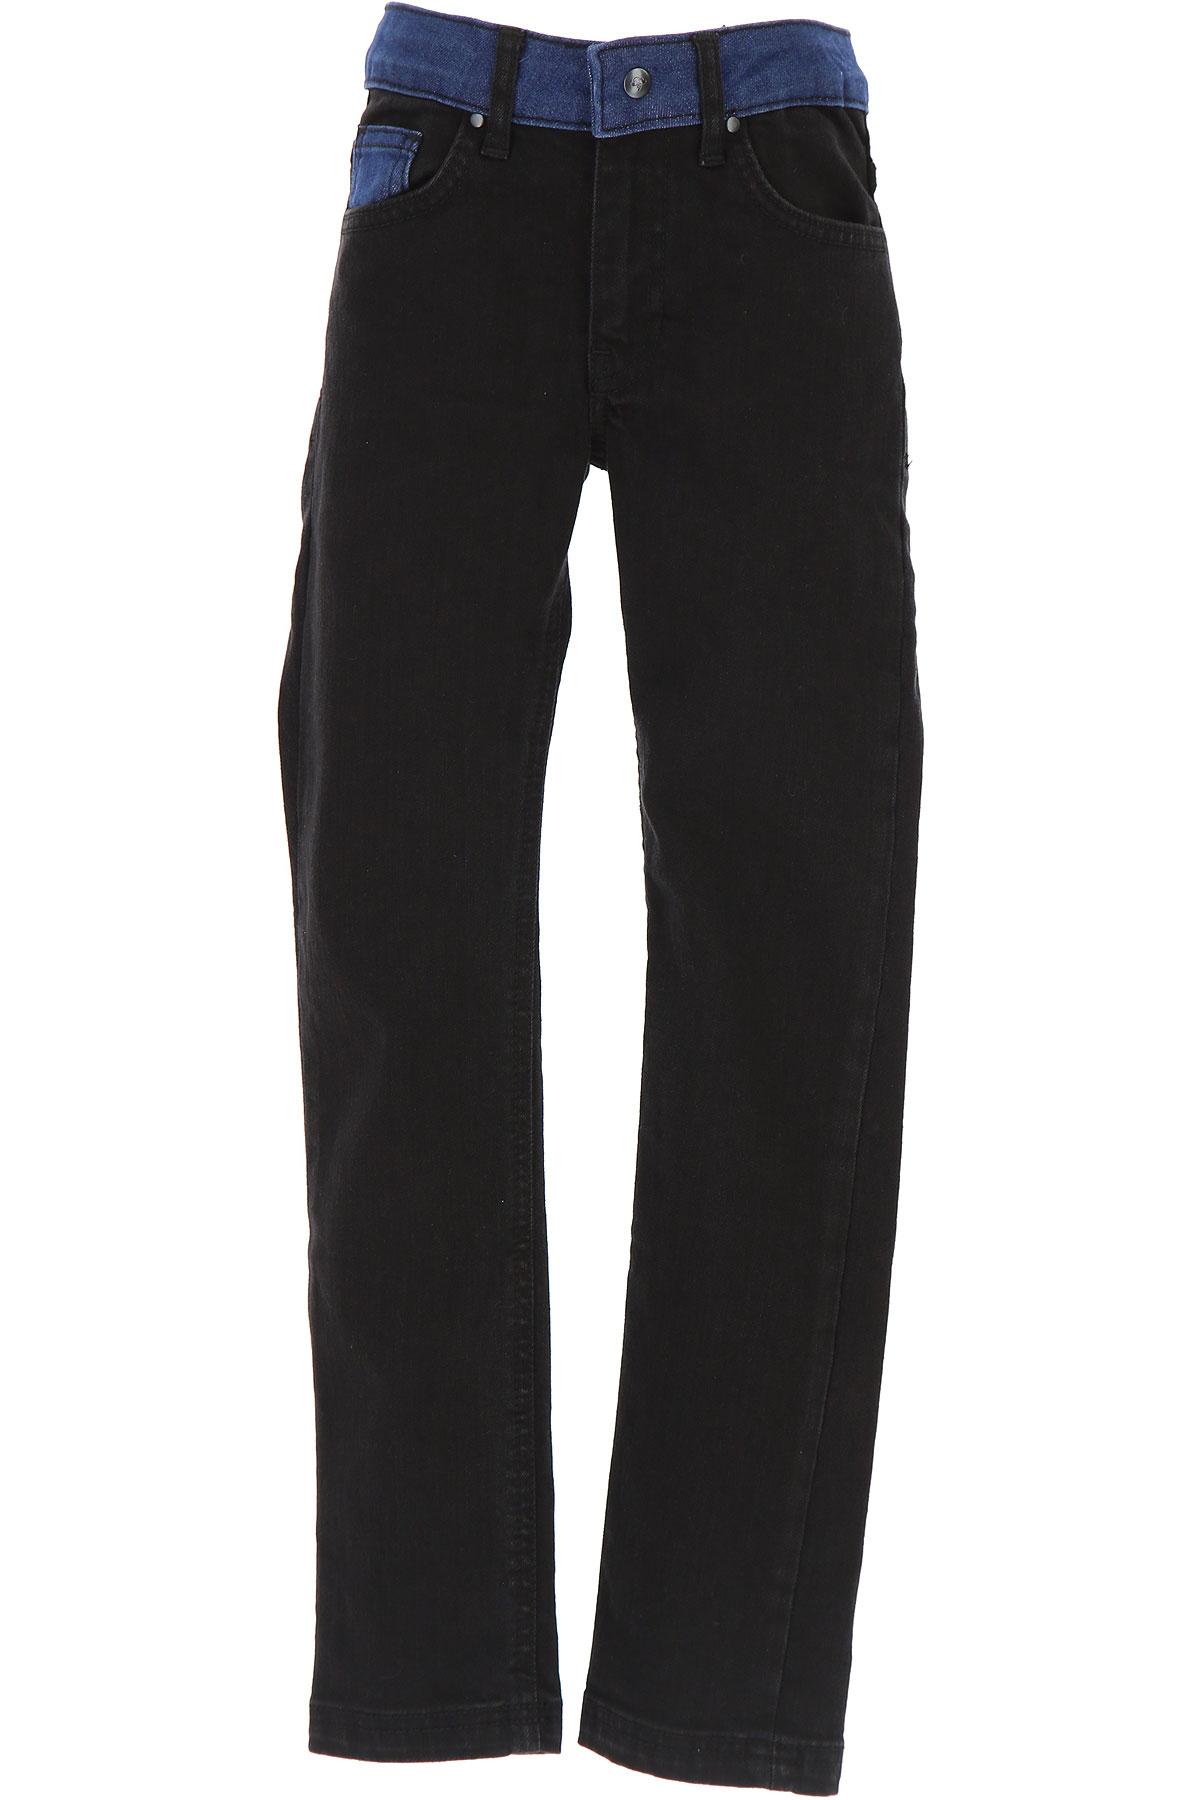 Image of Billybandit Kids Jeans for Boys, Black, Cotton, 2017, 2Y 4Y 5Y 6Y 8Y